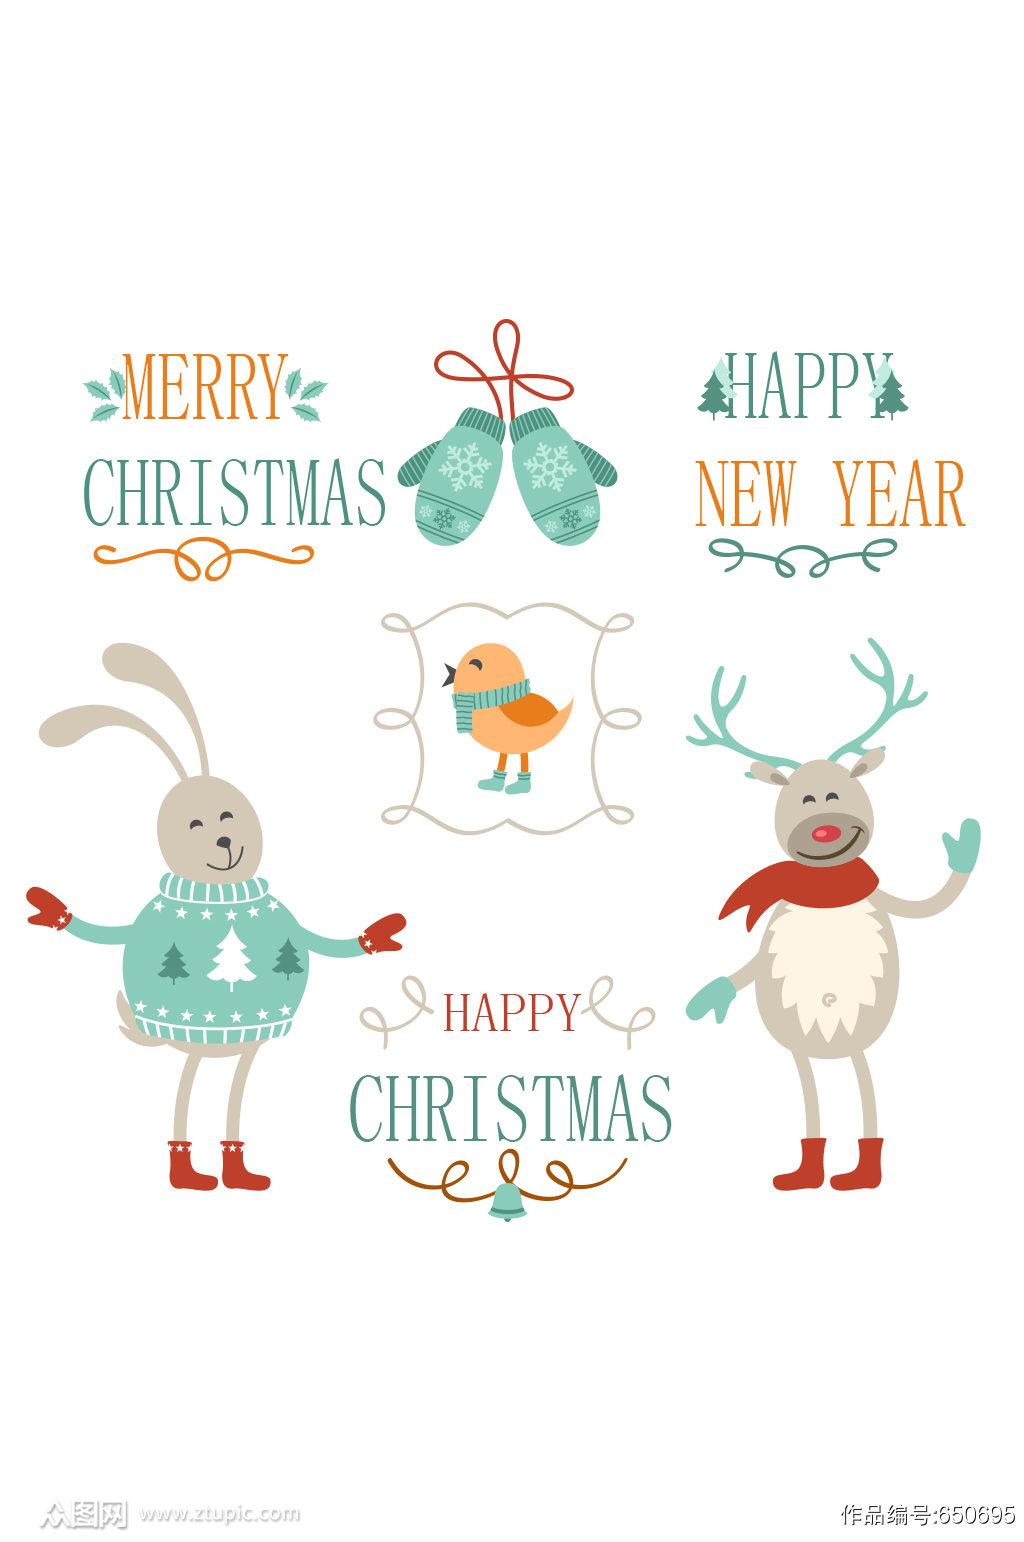 彩绘花纹标签圣诞元素素材